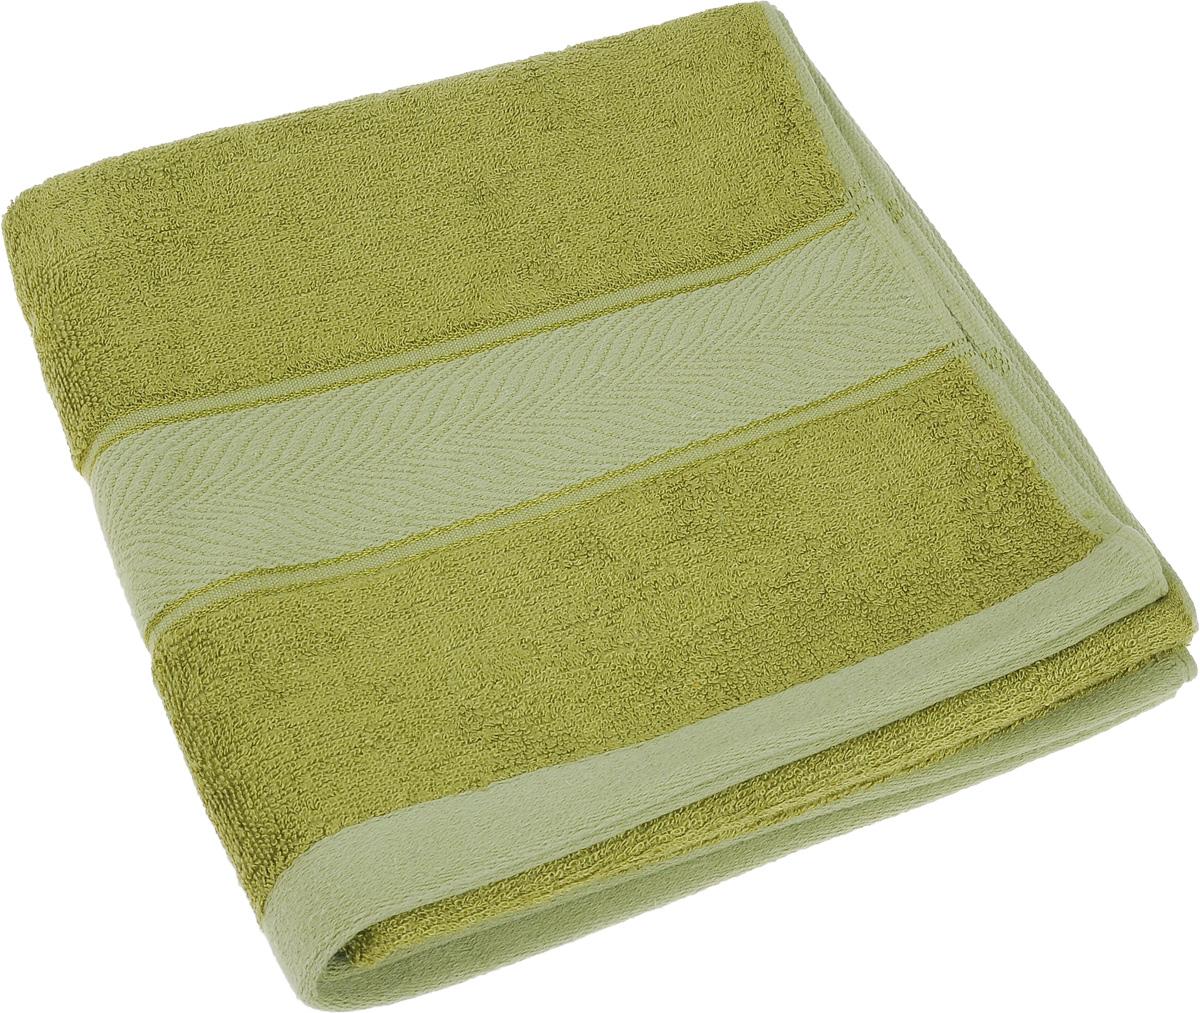 Полотенце Soavita Stefano, цвет: зеленый, 50 х 100 см64099Полотенце Soavita Stefano выполнено из 100% бамбукового волокна. Изделие отлично впитывает влагу, быстро сохнет, сохраняет яркость цвета и не теряет форму даже после многократных стирок. Полотенце очень практично и неприхотливо в уходе. Оно создаст прекрасное настроение и украсит интерьер в ванной комнате.